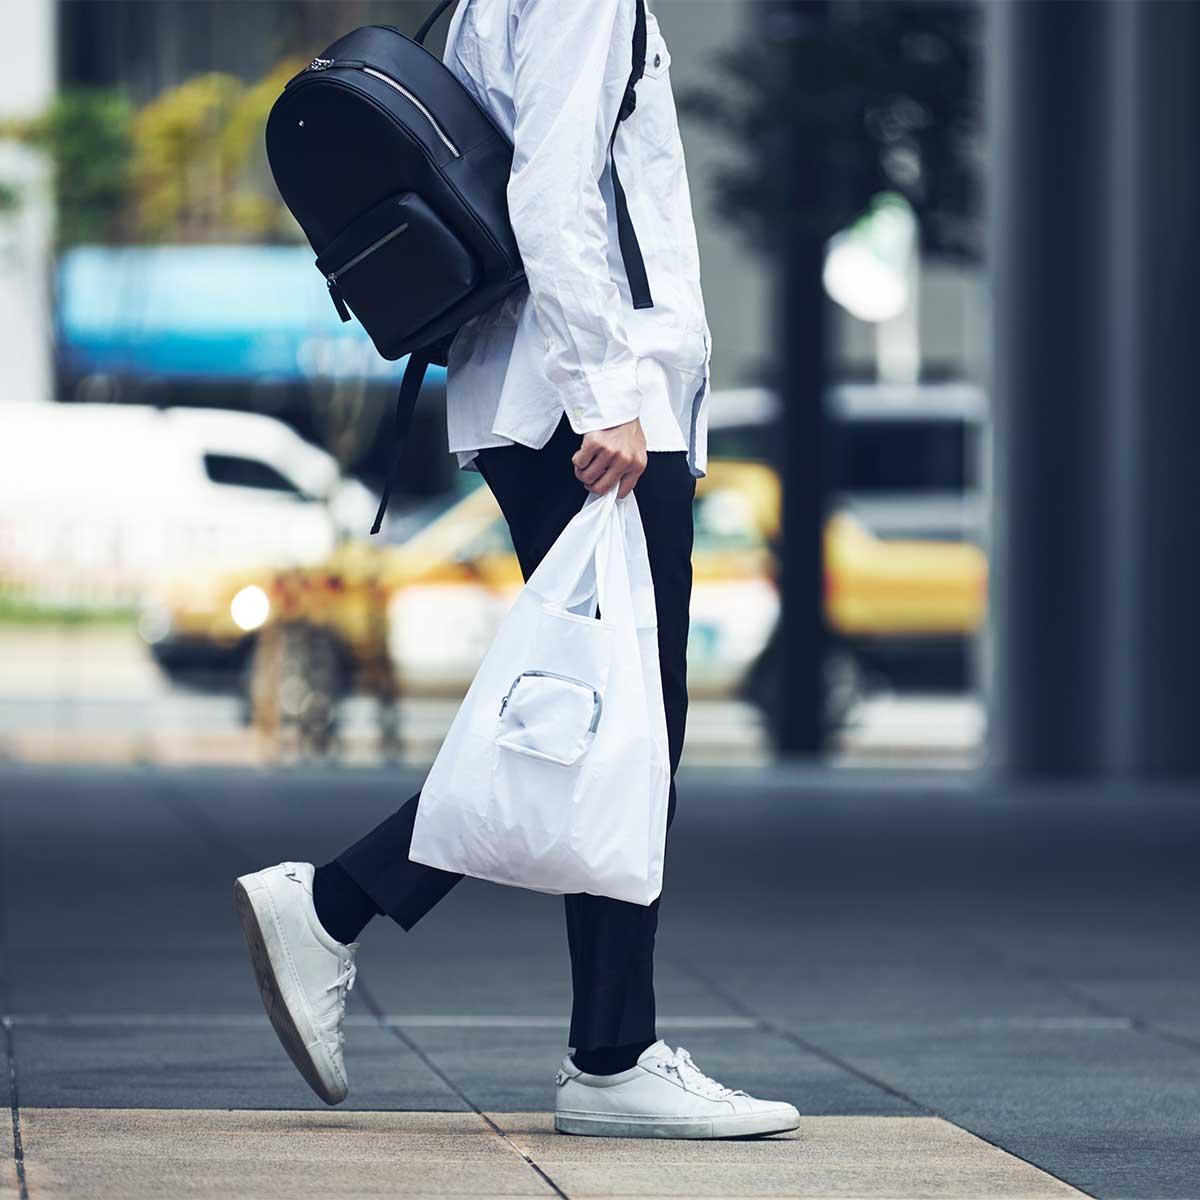 薄く折りたためるから、ポケットの隙間にサッと忍ばせられます。ファッションに合わせて選べる豊富なカラー展開。スマートに持ち歩ける折りたたみエコバッグ|KATOKOA